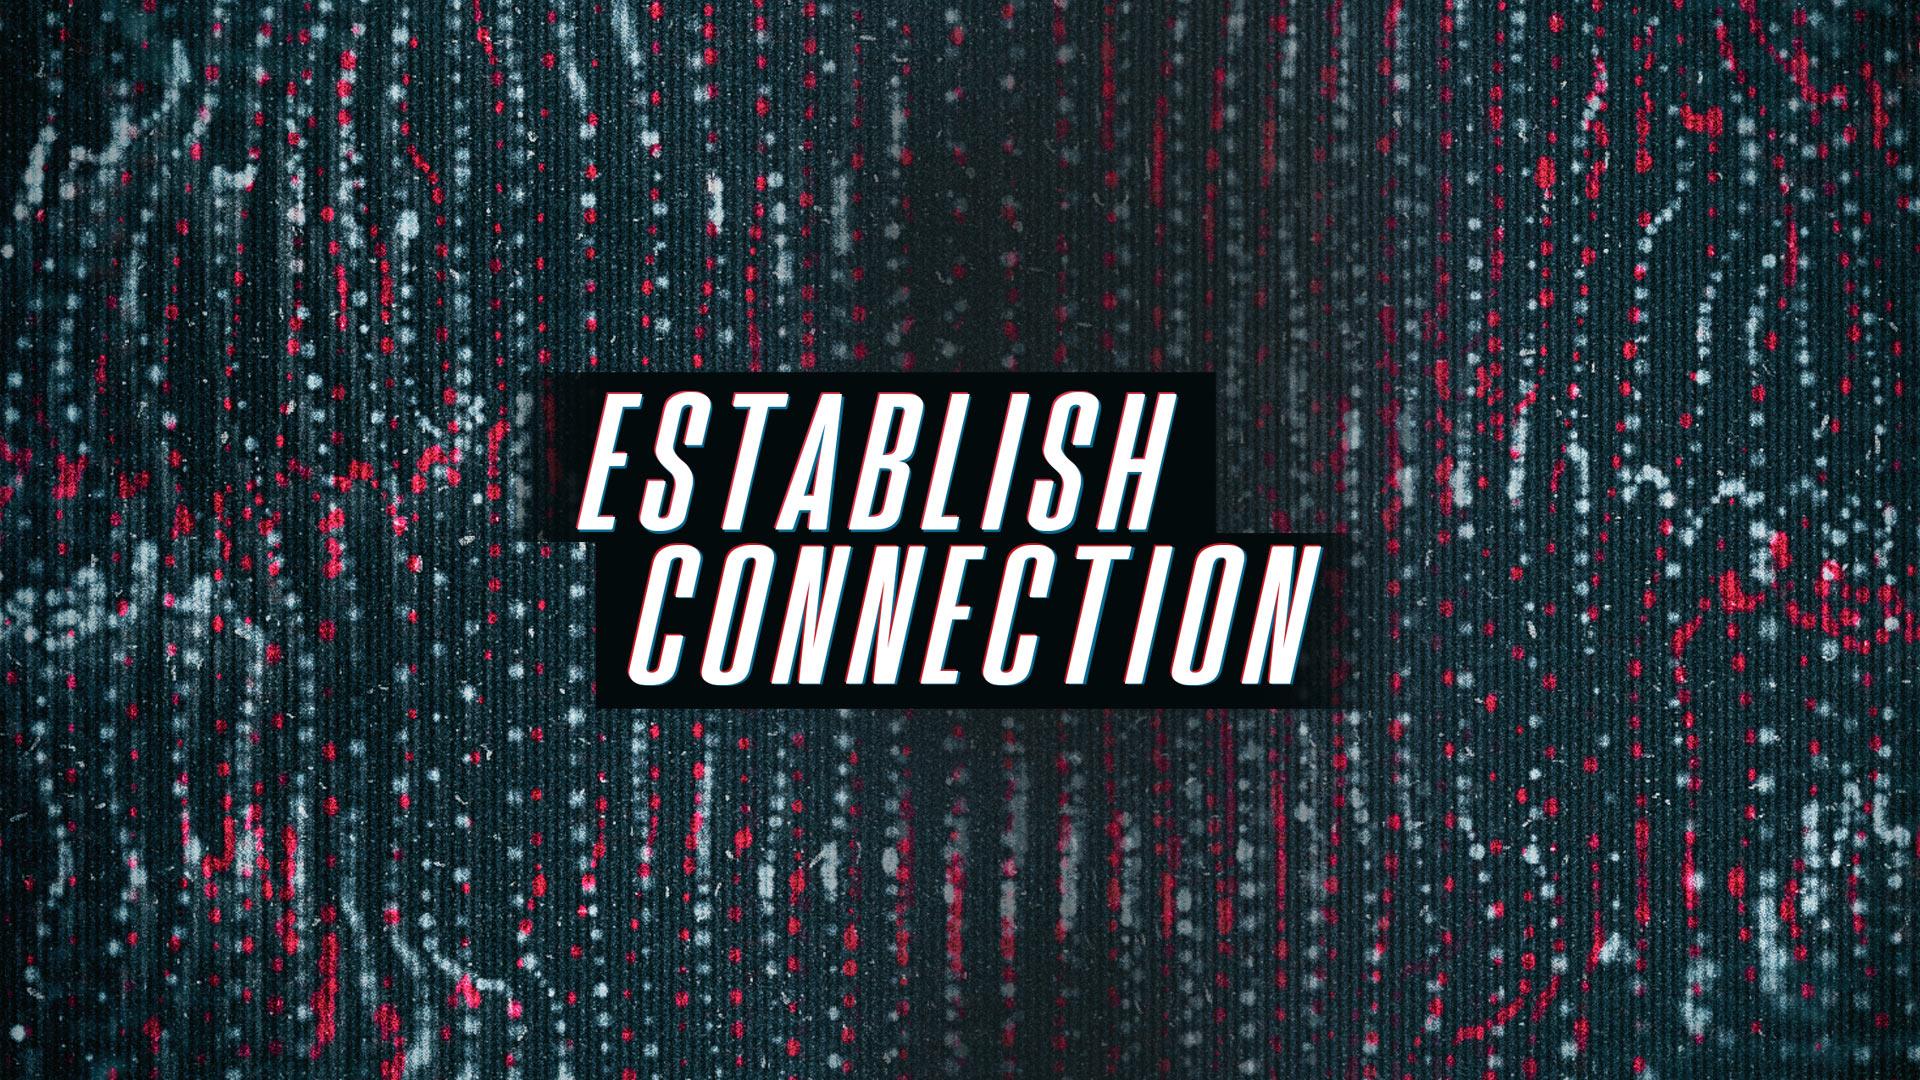 Establish Connection